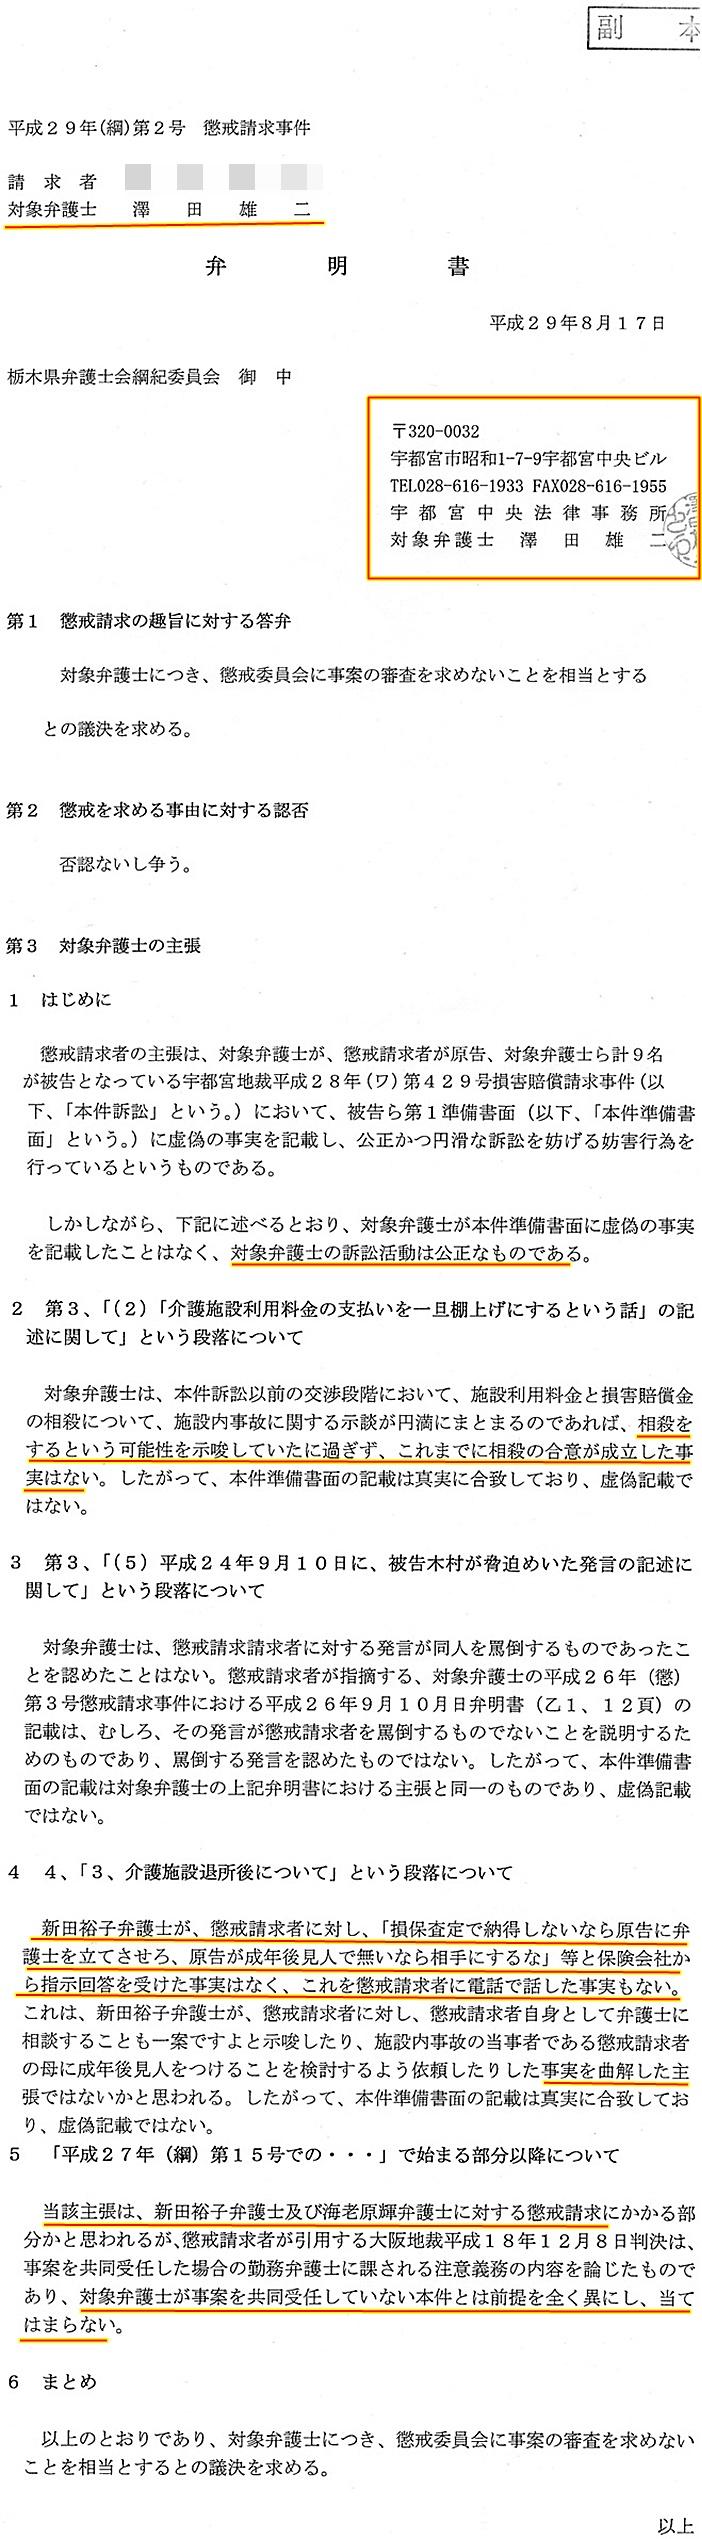 澤田雄二弁護士頭の悪そうな人ですね 綱紀委員会弁明書 澤田雄二